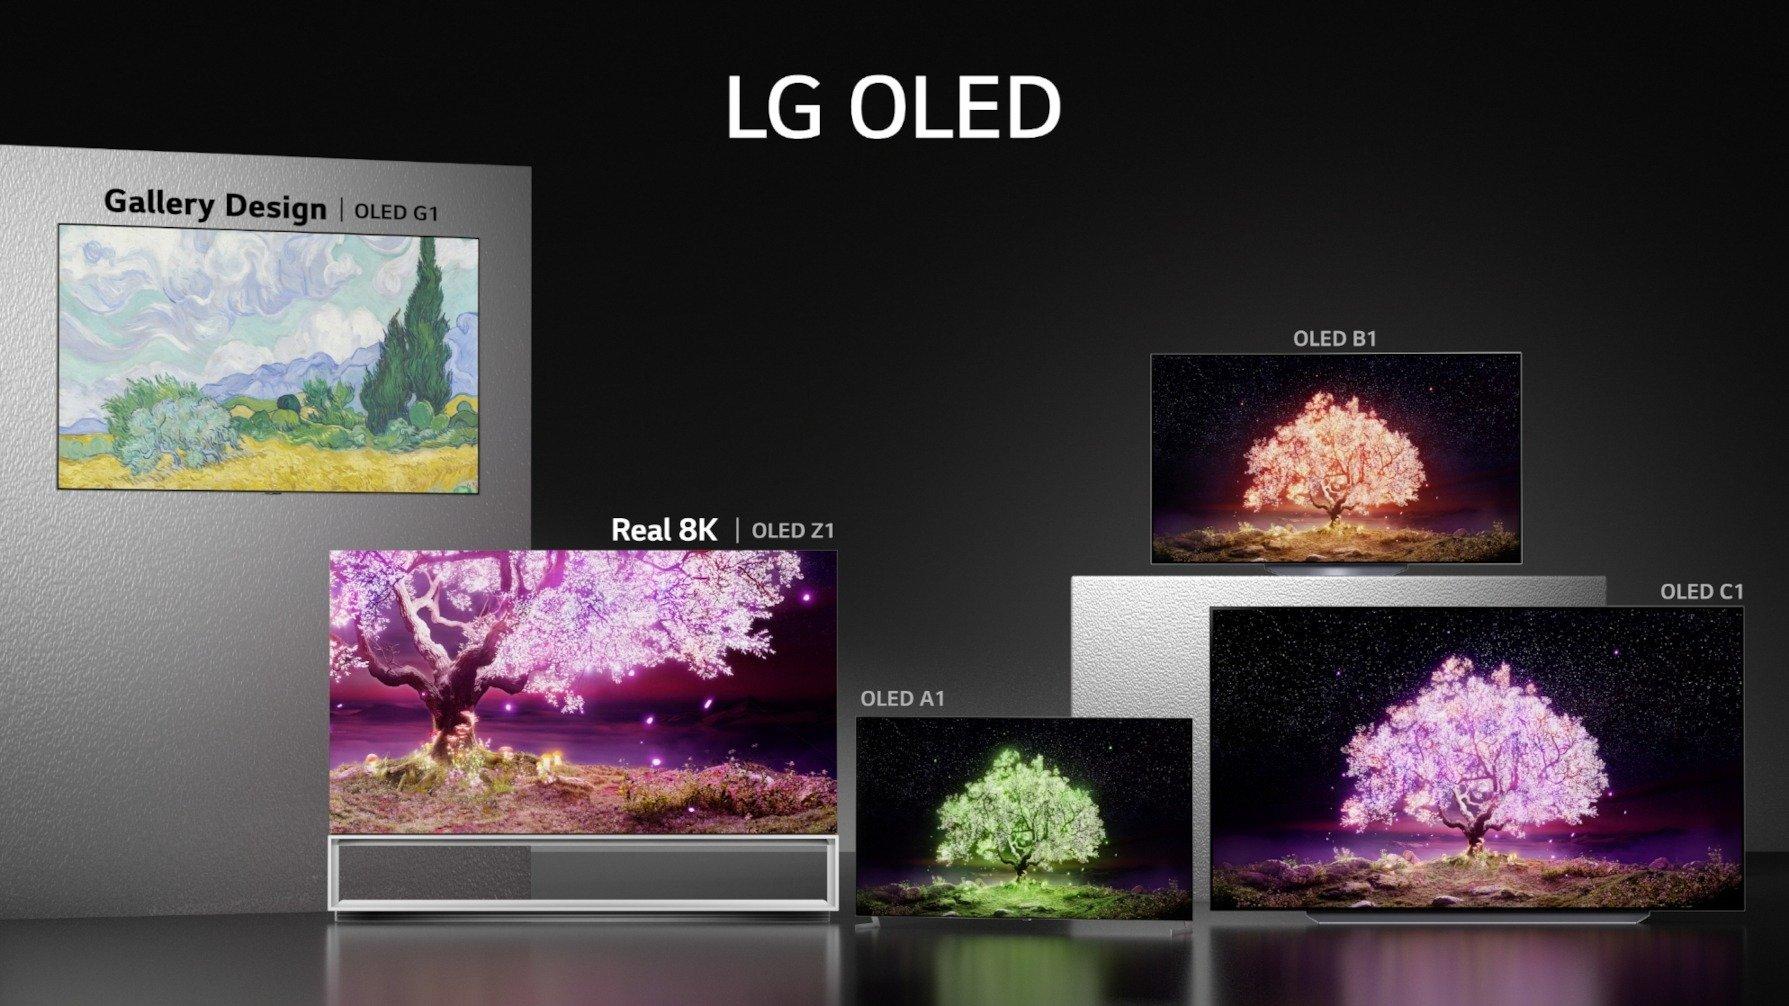 Ruszyła przedsprzedaż telewizorów LG OLED! Znane są ceny wszystkich modeli LG OLED na 2021 rok